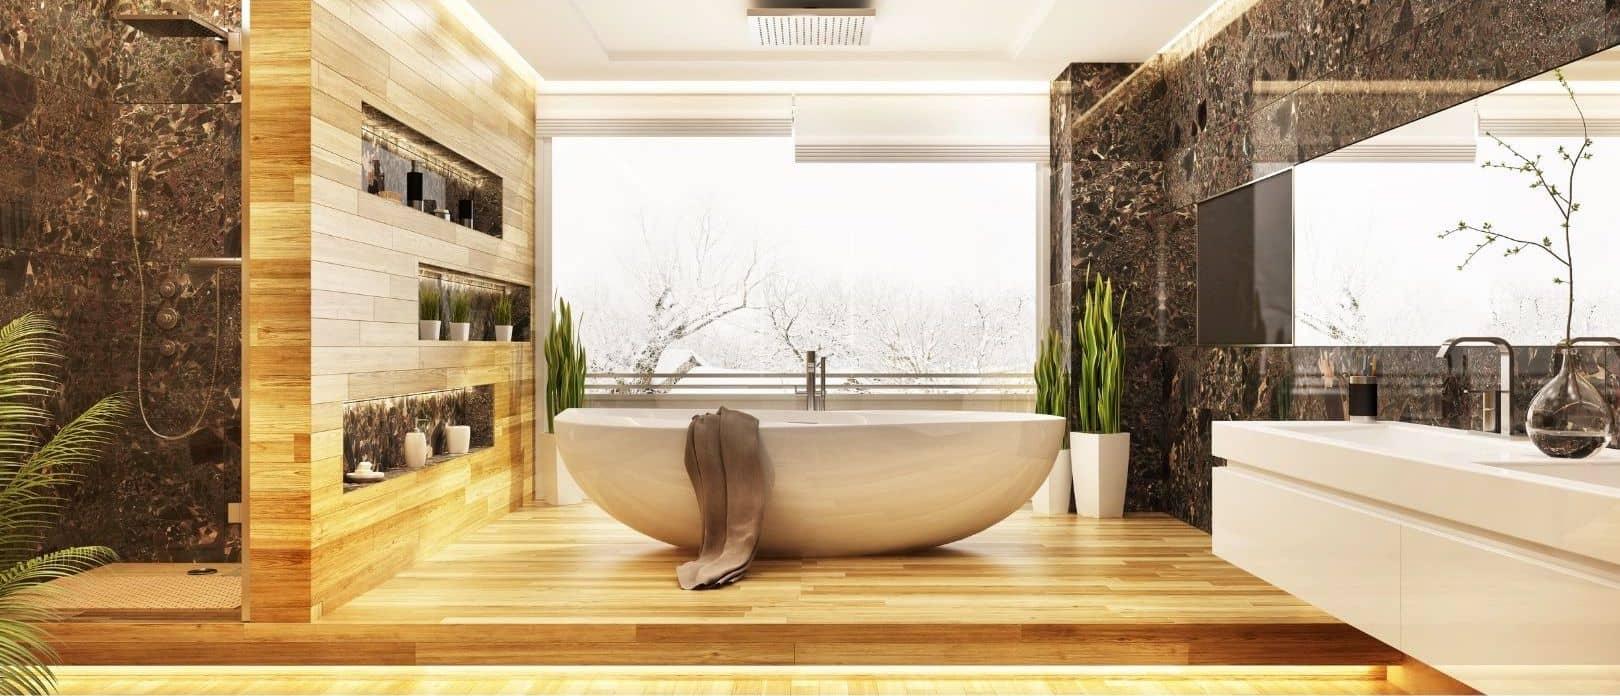 Creación de muebles de baño a medida